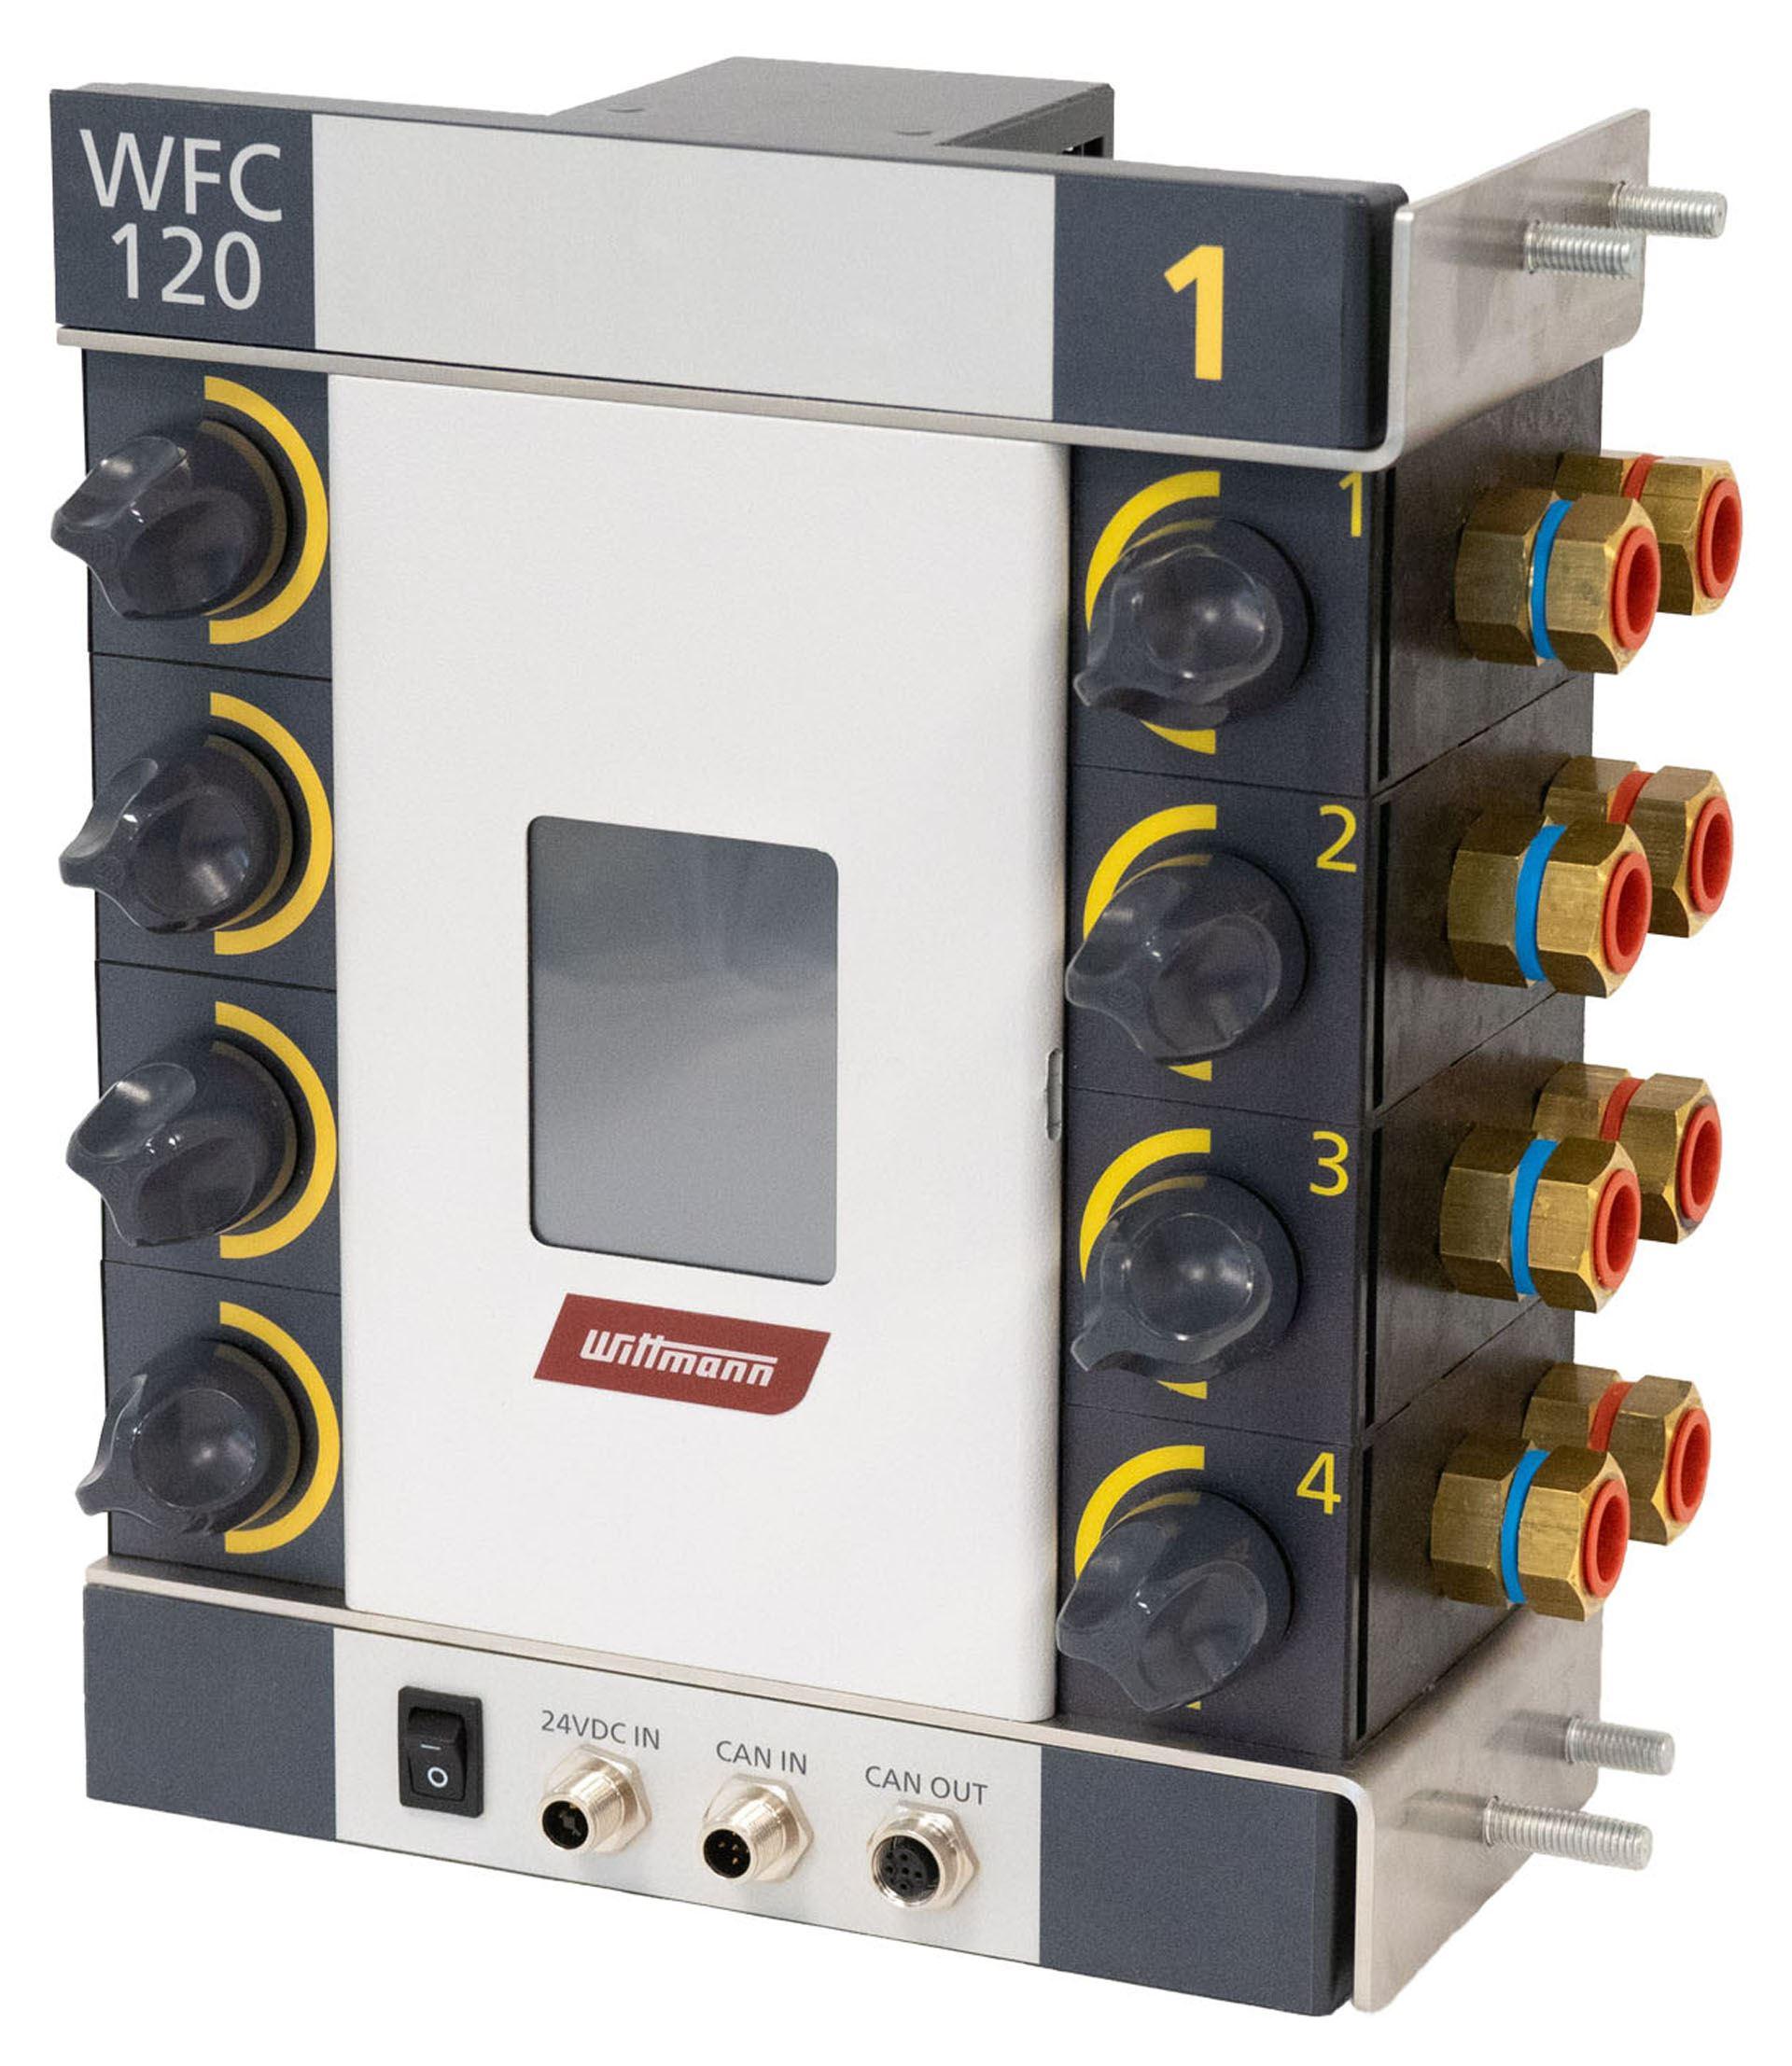 WFC 120, der digitale Wasserverteiler der nächsten Generation